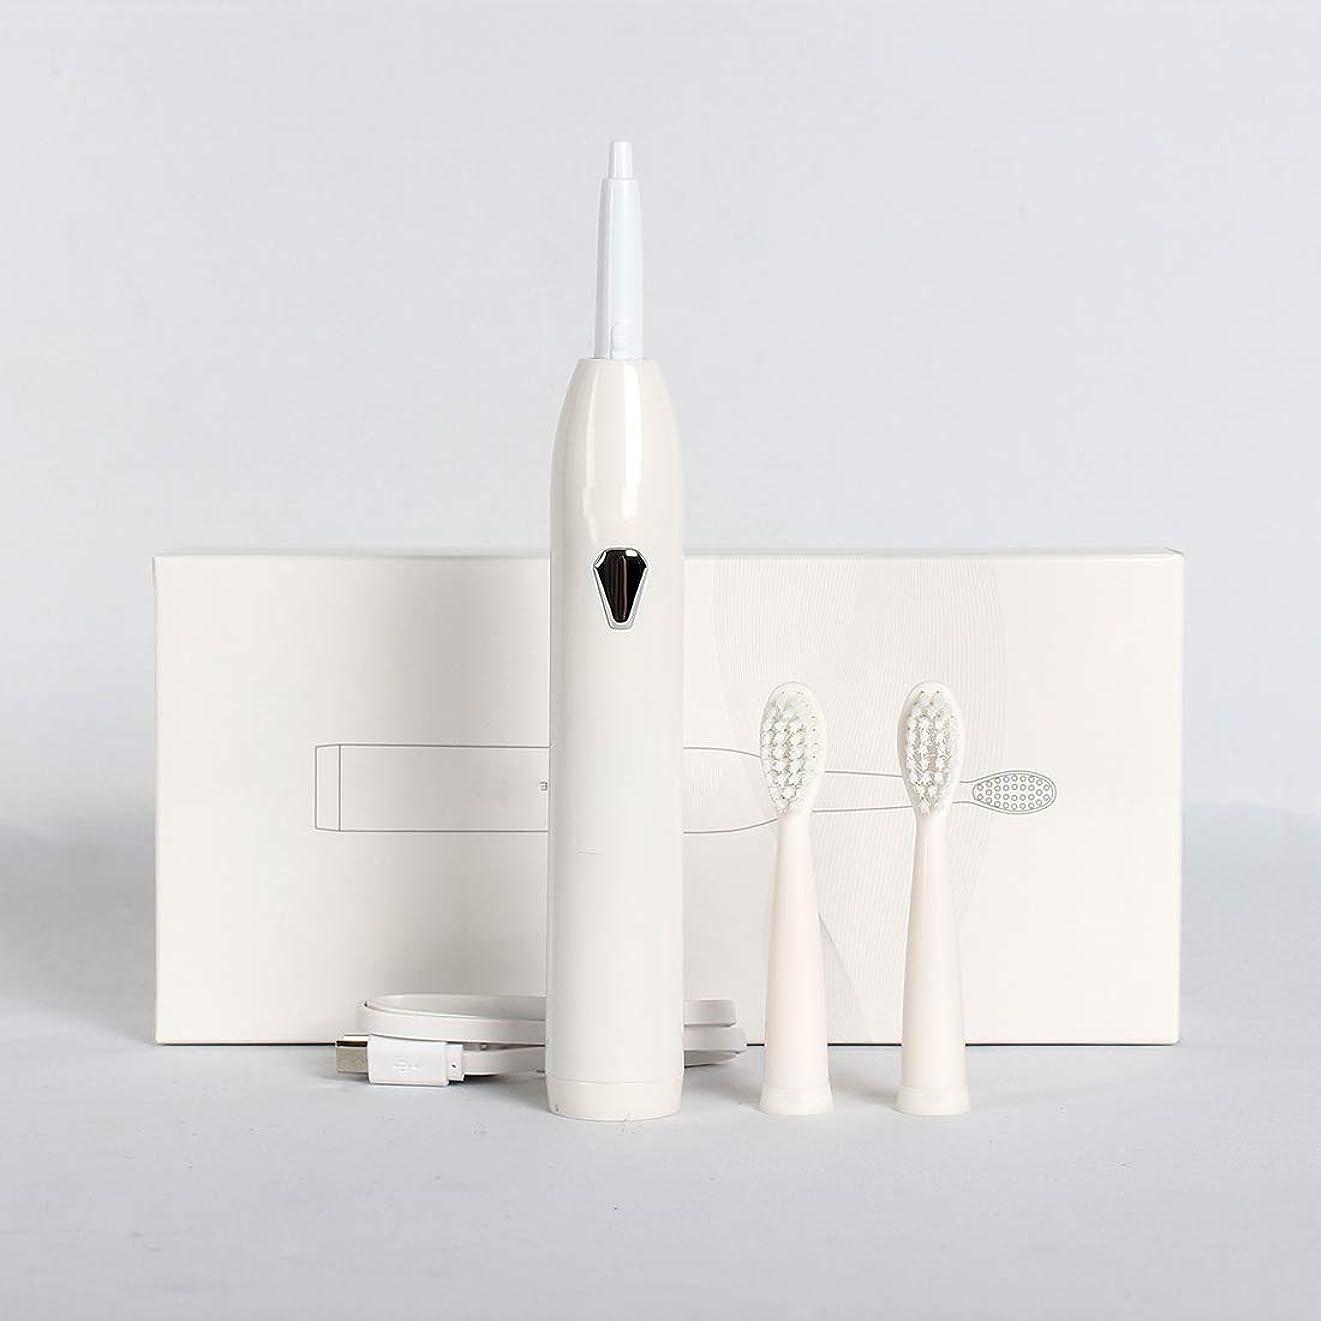 文庫本名前懲らしめ充電式電動歯ブラシ、PA + ABS 2交換用ヘッド急速充電ポータブルソニック歯ブラシ4オプションモード